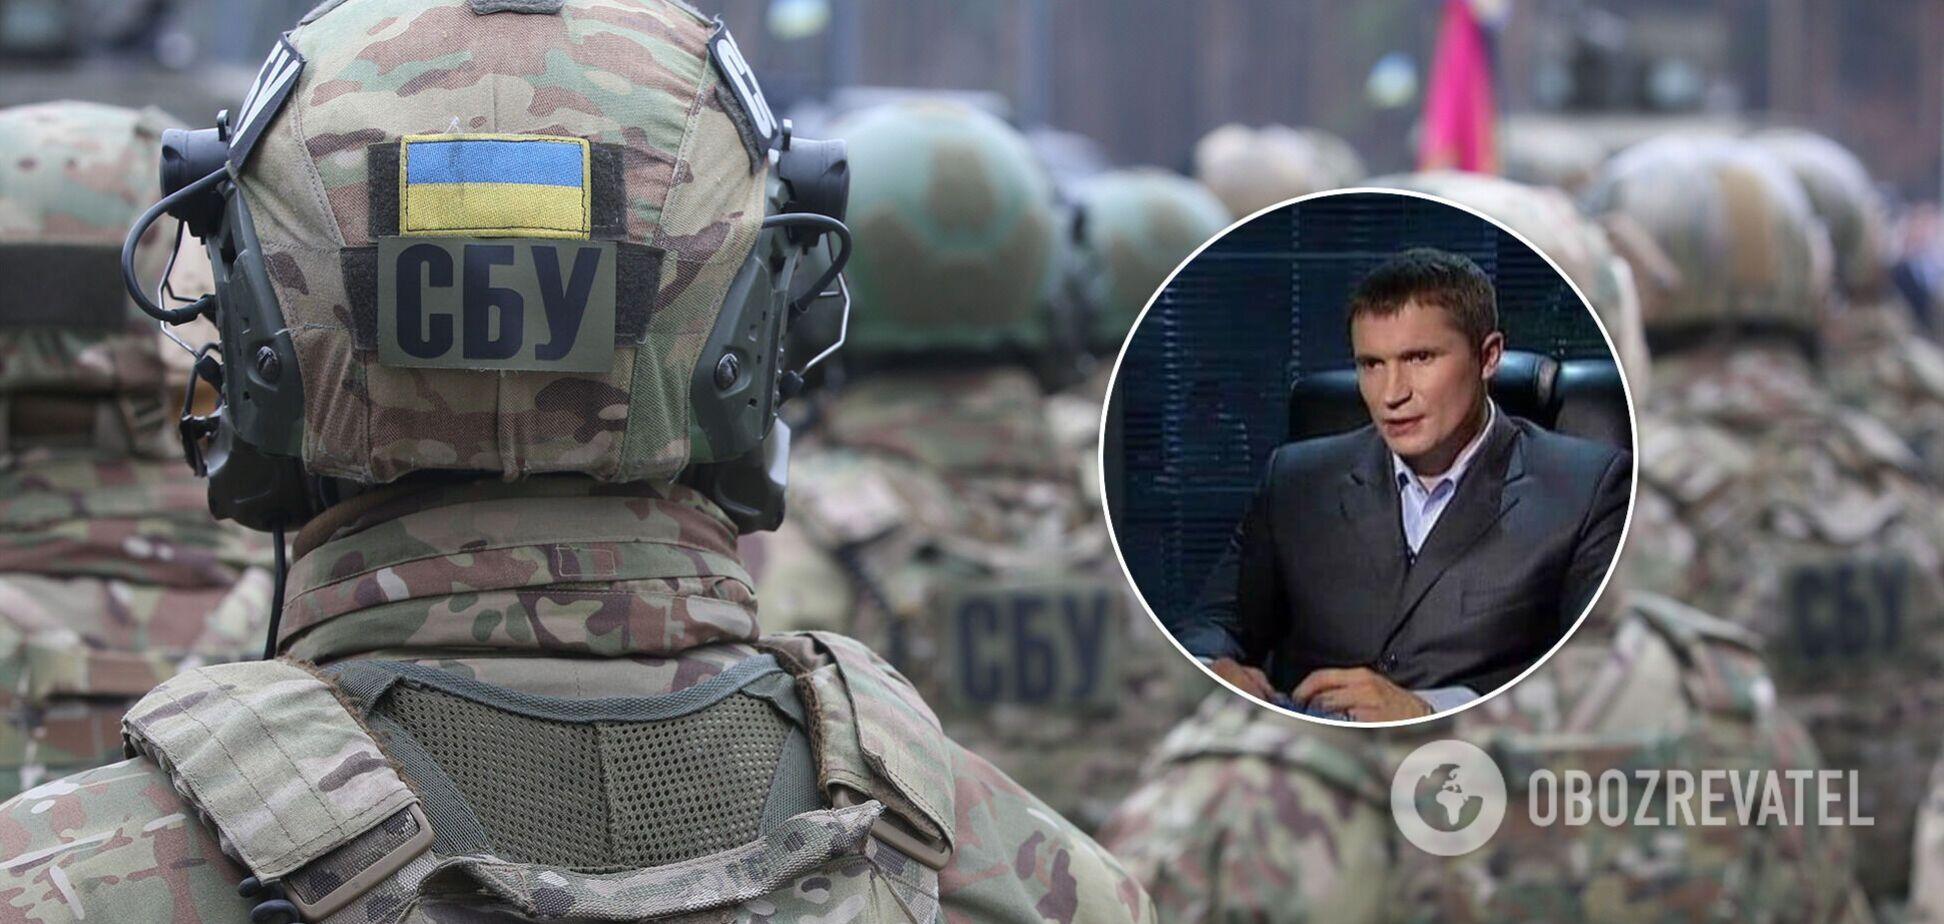 Топ-должность в СБУ получил экс-консультант программы 'Следствие ведут экстрасенсы' – СМИ